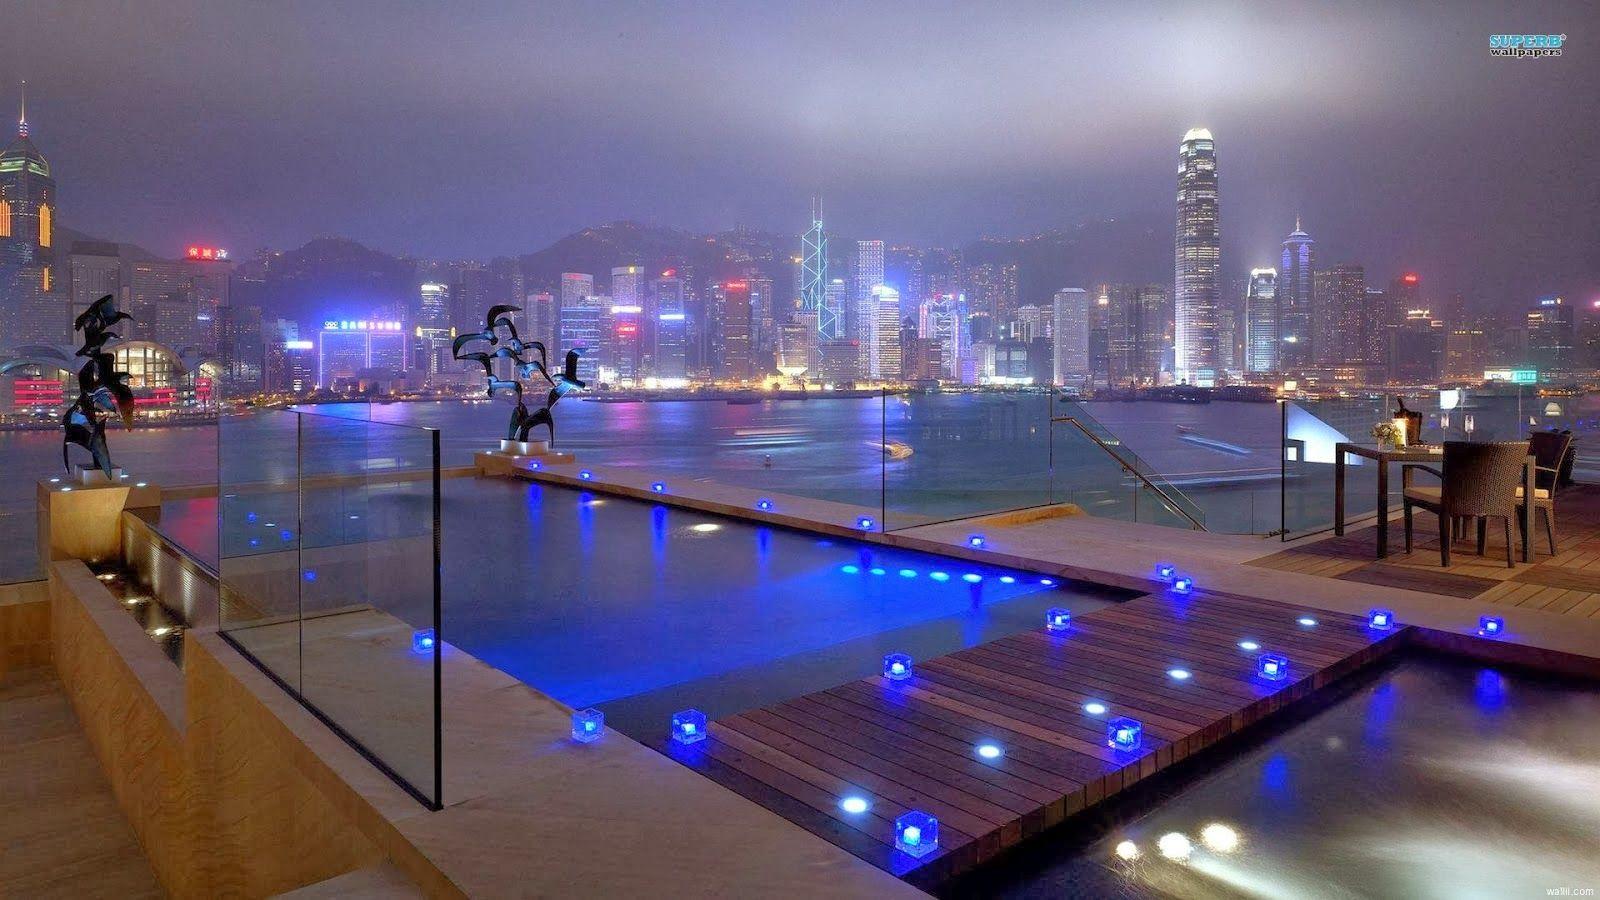 City Hd Wallpapers 1080p Hong Kong City Hd Wallpapers